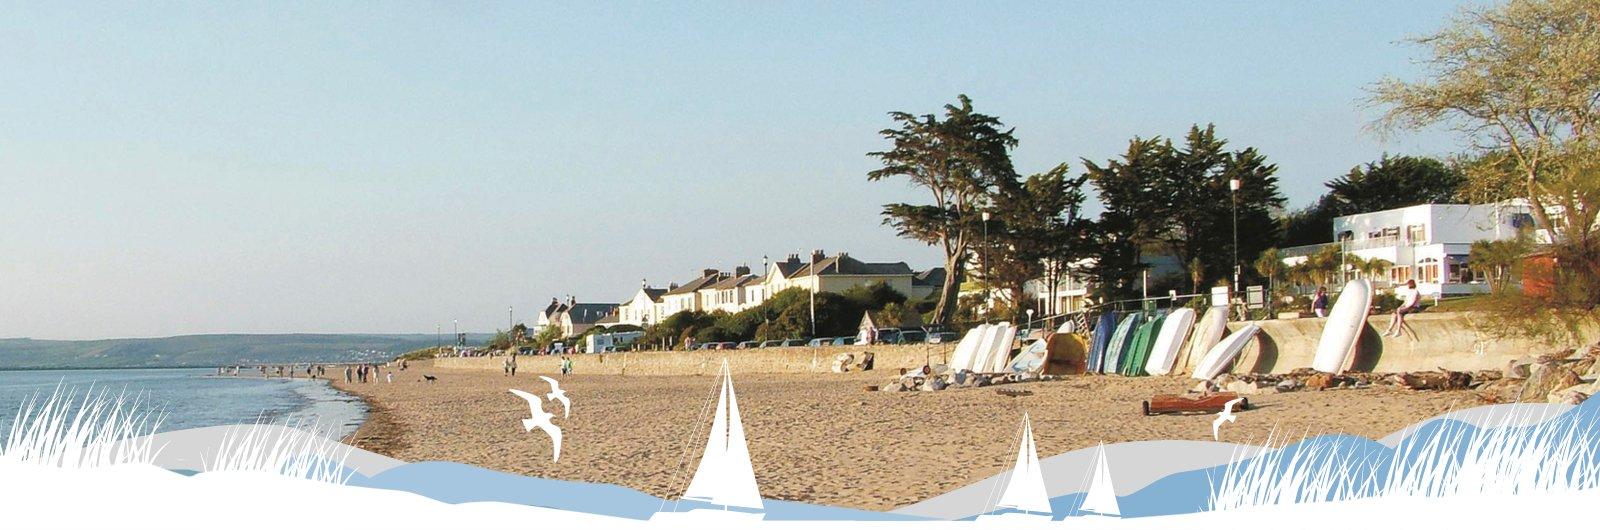 dune-beach-low.jpg